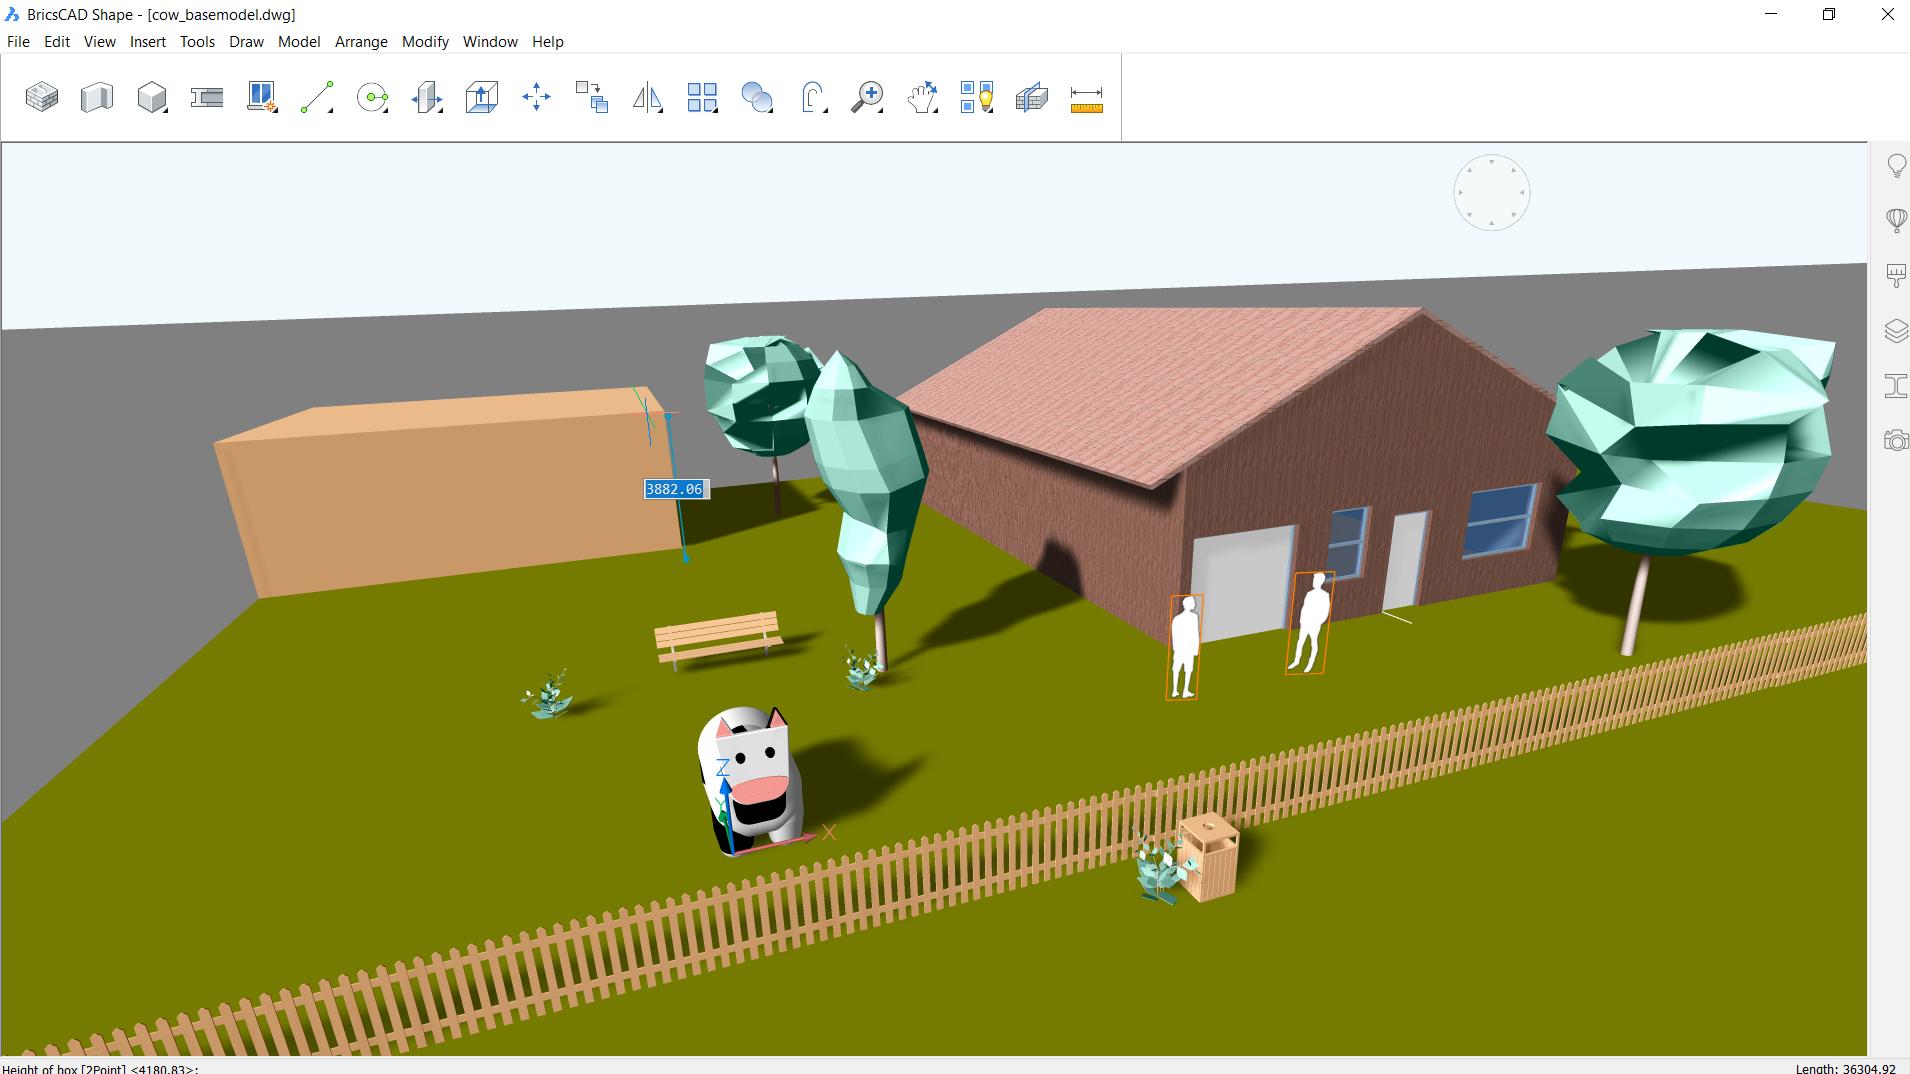 Beispiel einer DWG-Zeichnung, die in BricsCAD® Shape, dem kostenlosen Softwareprogramm von BricsCAD®, geöffnet wurde.